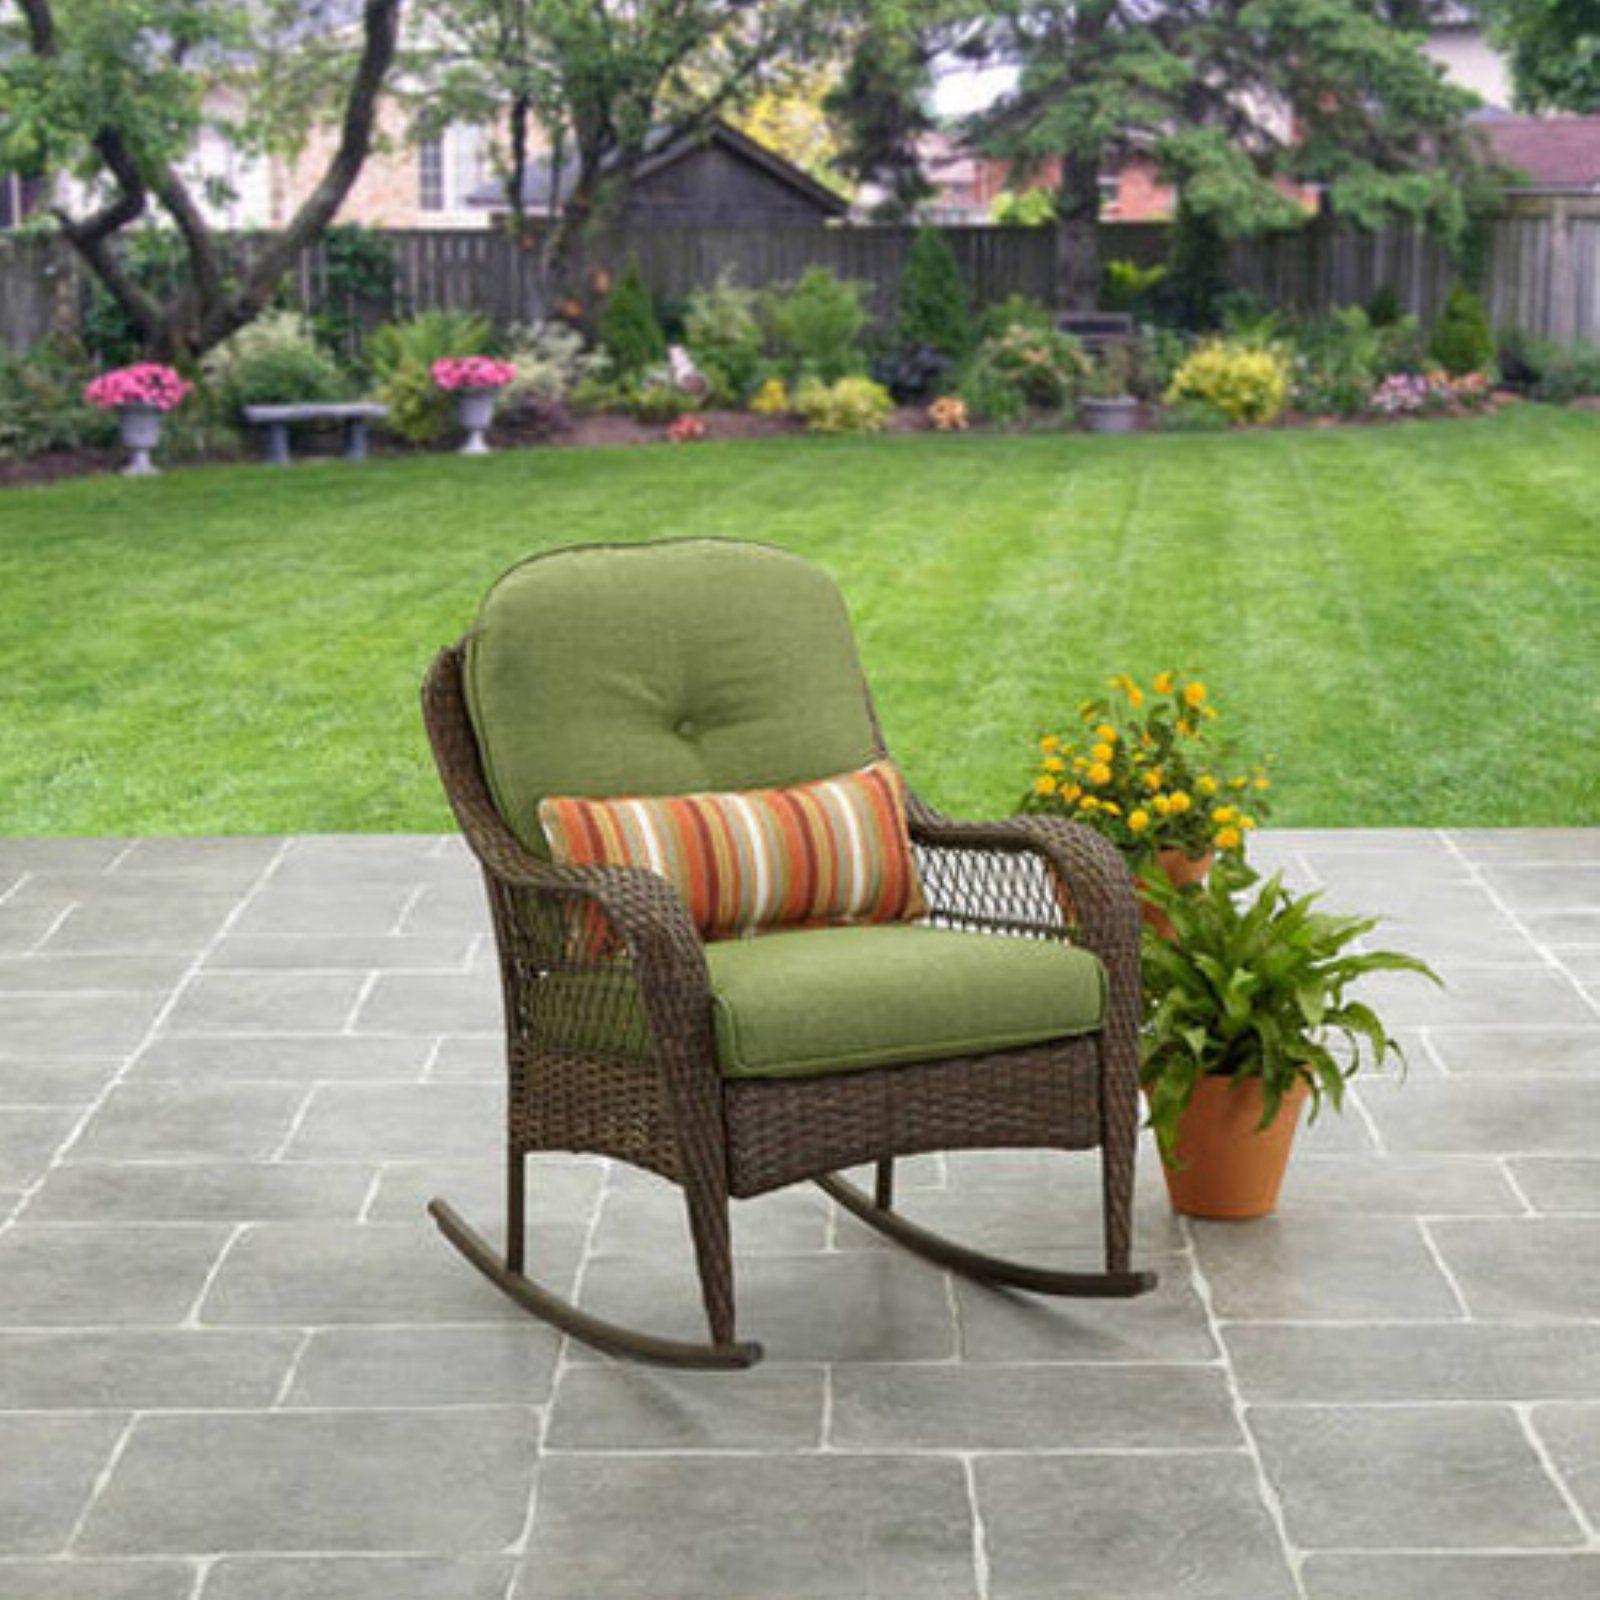 8e00740ba9746dec91ea32a16afb2be3 - Better Homes And Gardens Azalea Ridge Outdoor Side Table White